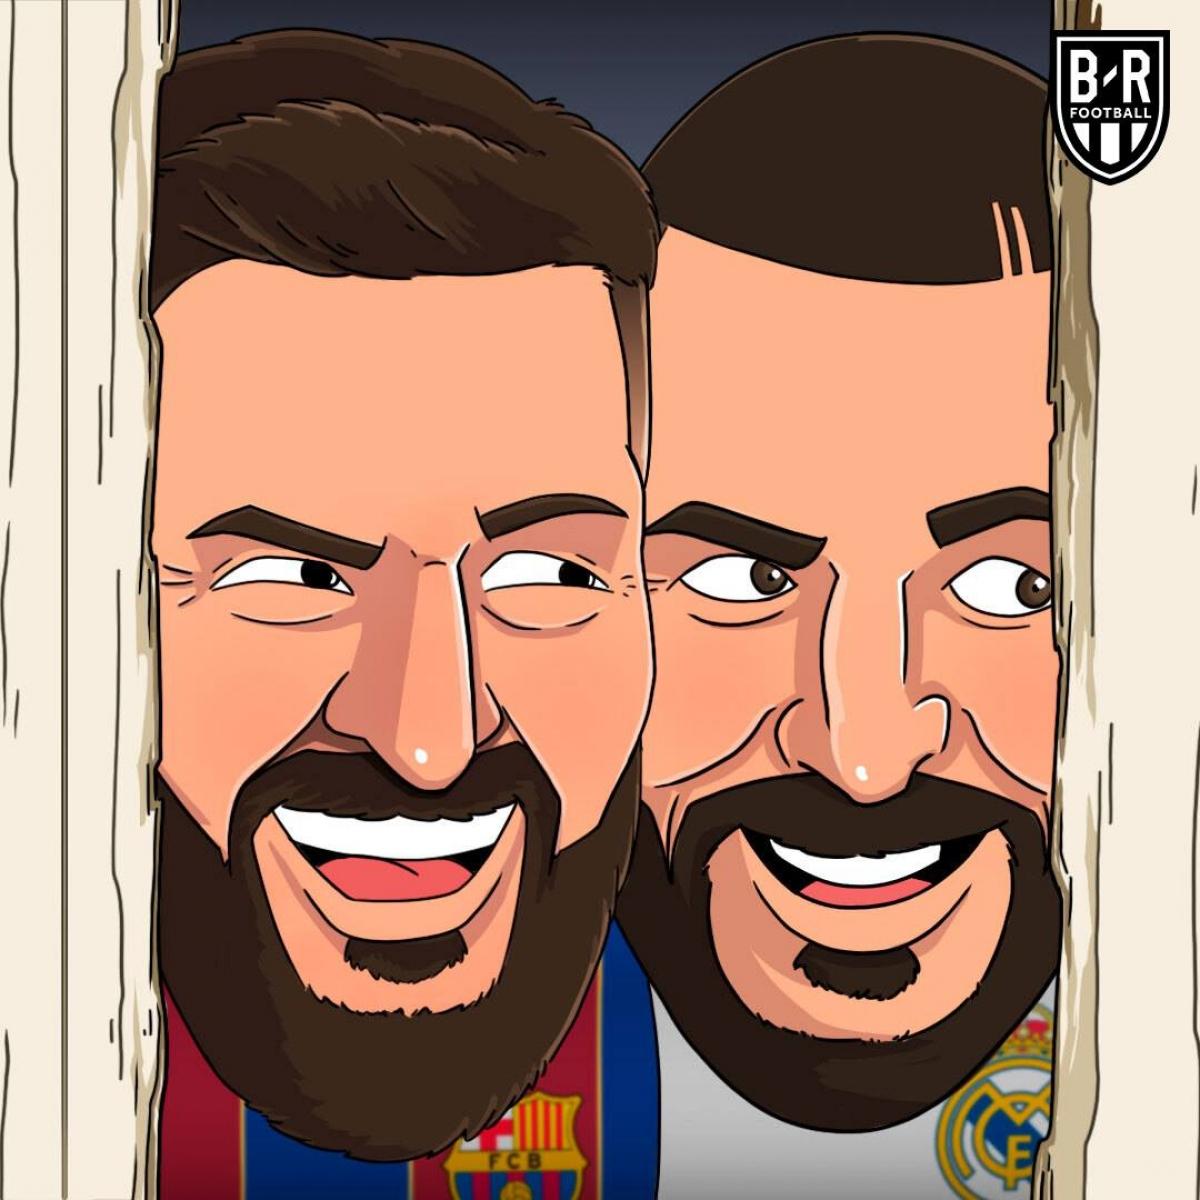 Barca và Real Madrid mừng thầm khi Atletico Madrid thua Sevilla. (Ảnh: Bleacher Reports)